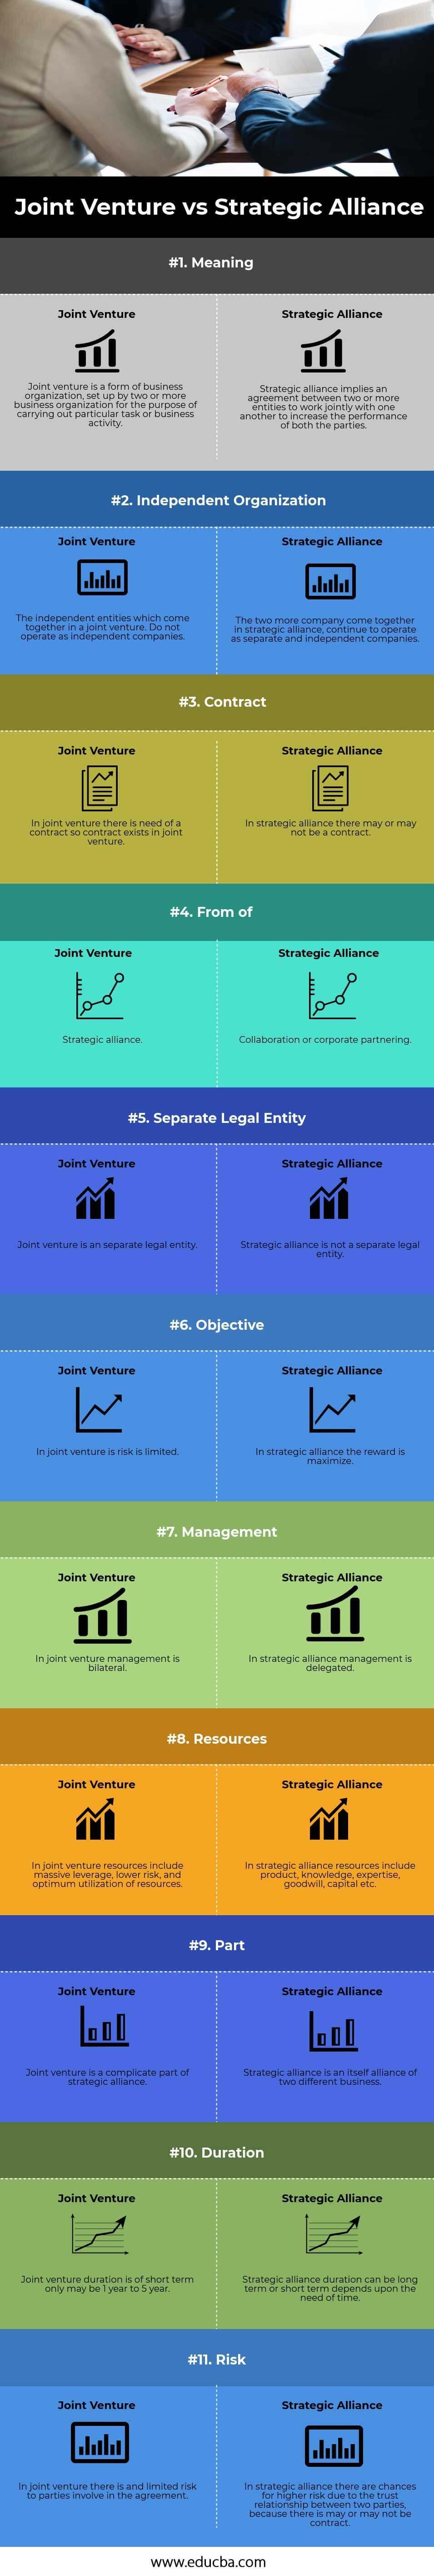 Joint Ventur vs Strategic Alliance (info)